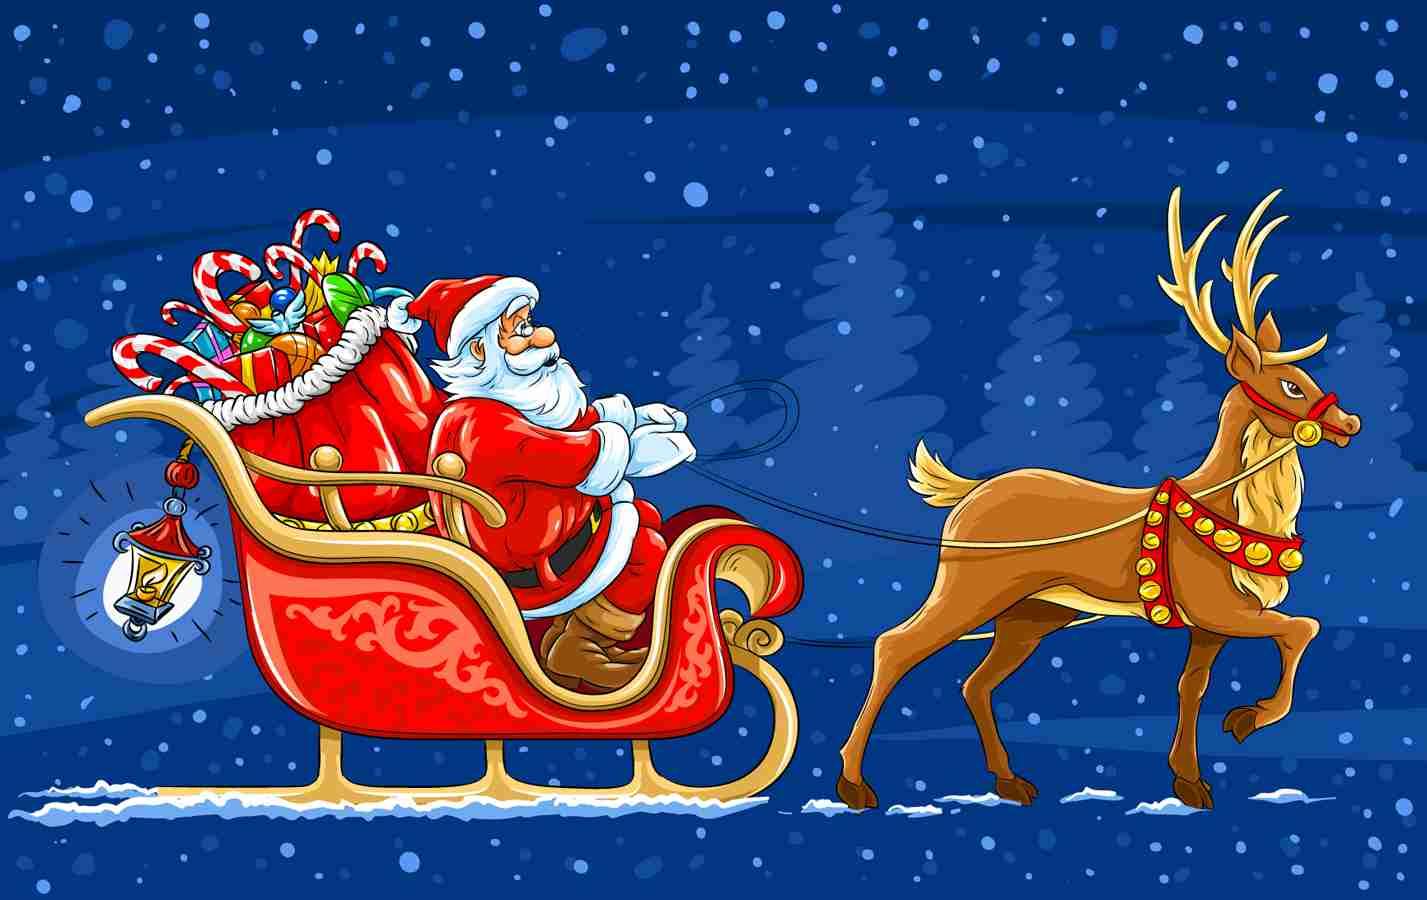 理想のクリスマス